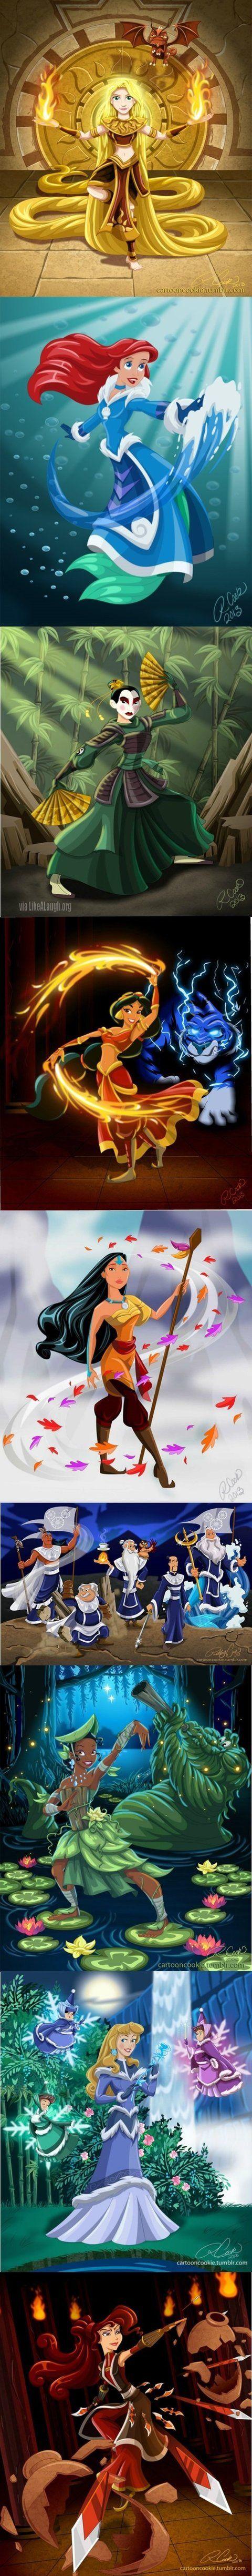 Disney Elementos